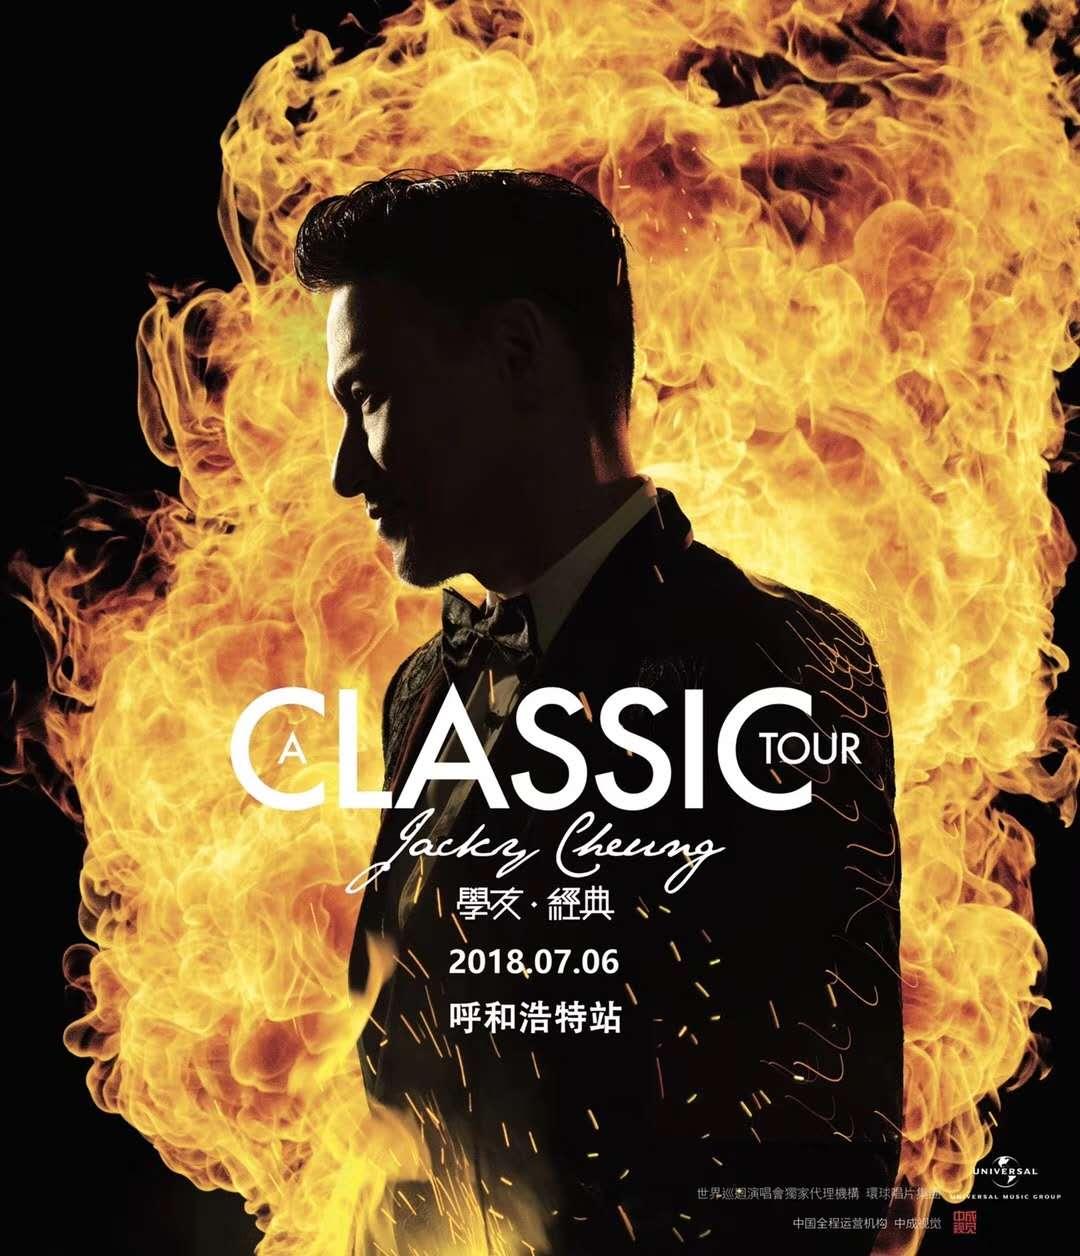 2018 [A CLASSIC TOUR 学友·经典]世界巡回演唱会